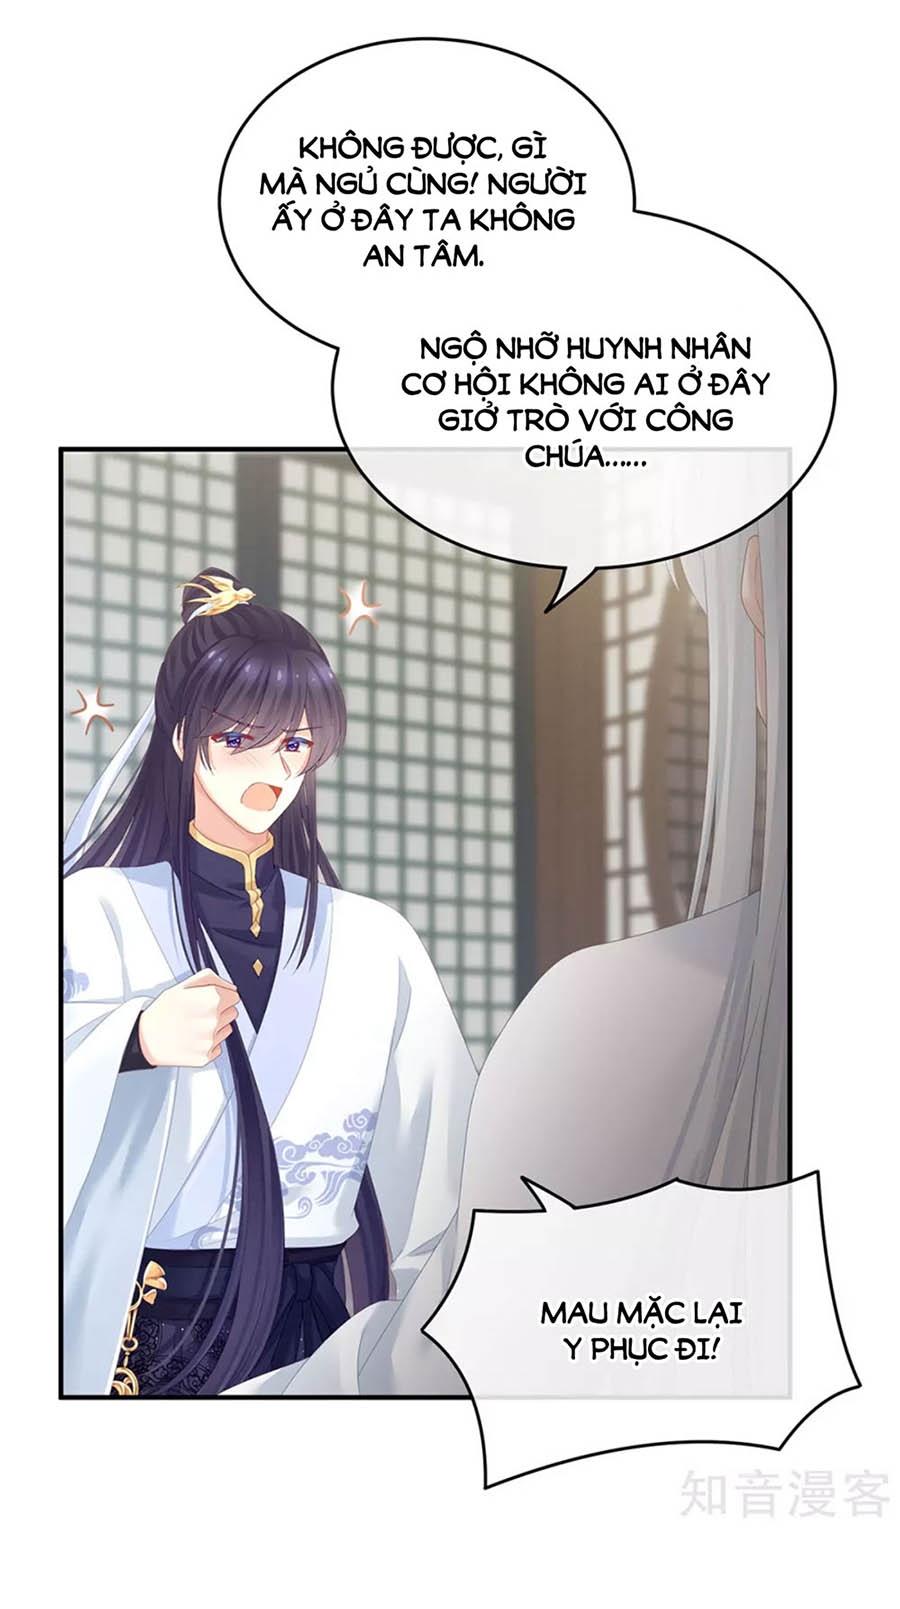 Hậu Cung Của Nữ Đế chap 158 - Trang 47